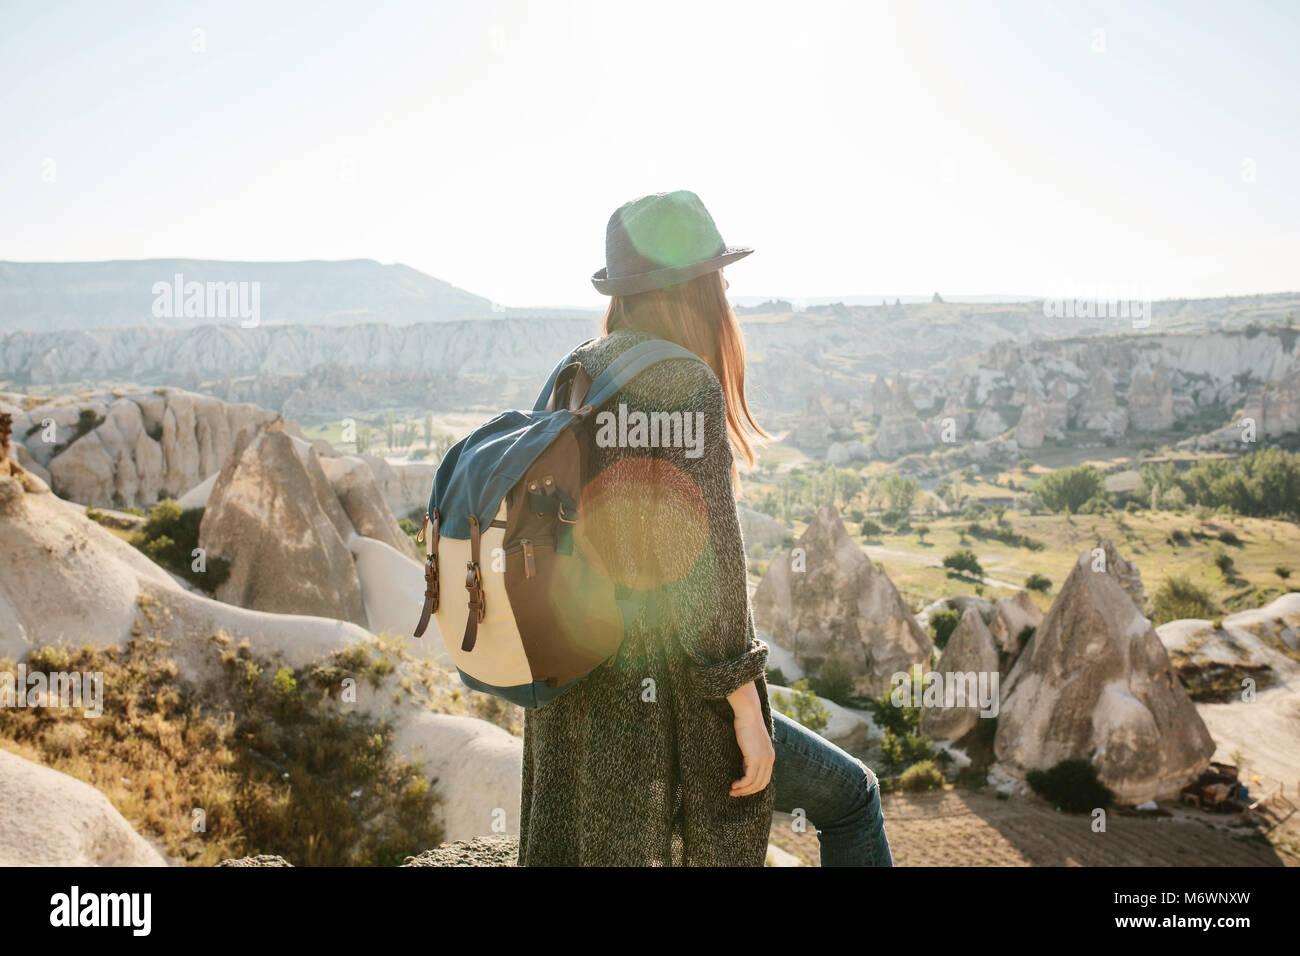 Ein Reisender in einen Hut mit einem Rucksack steht auf einem Berg und blickt auf einen wunderschönen Blick Stockbild